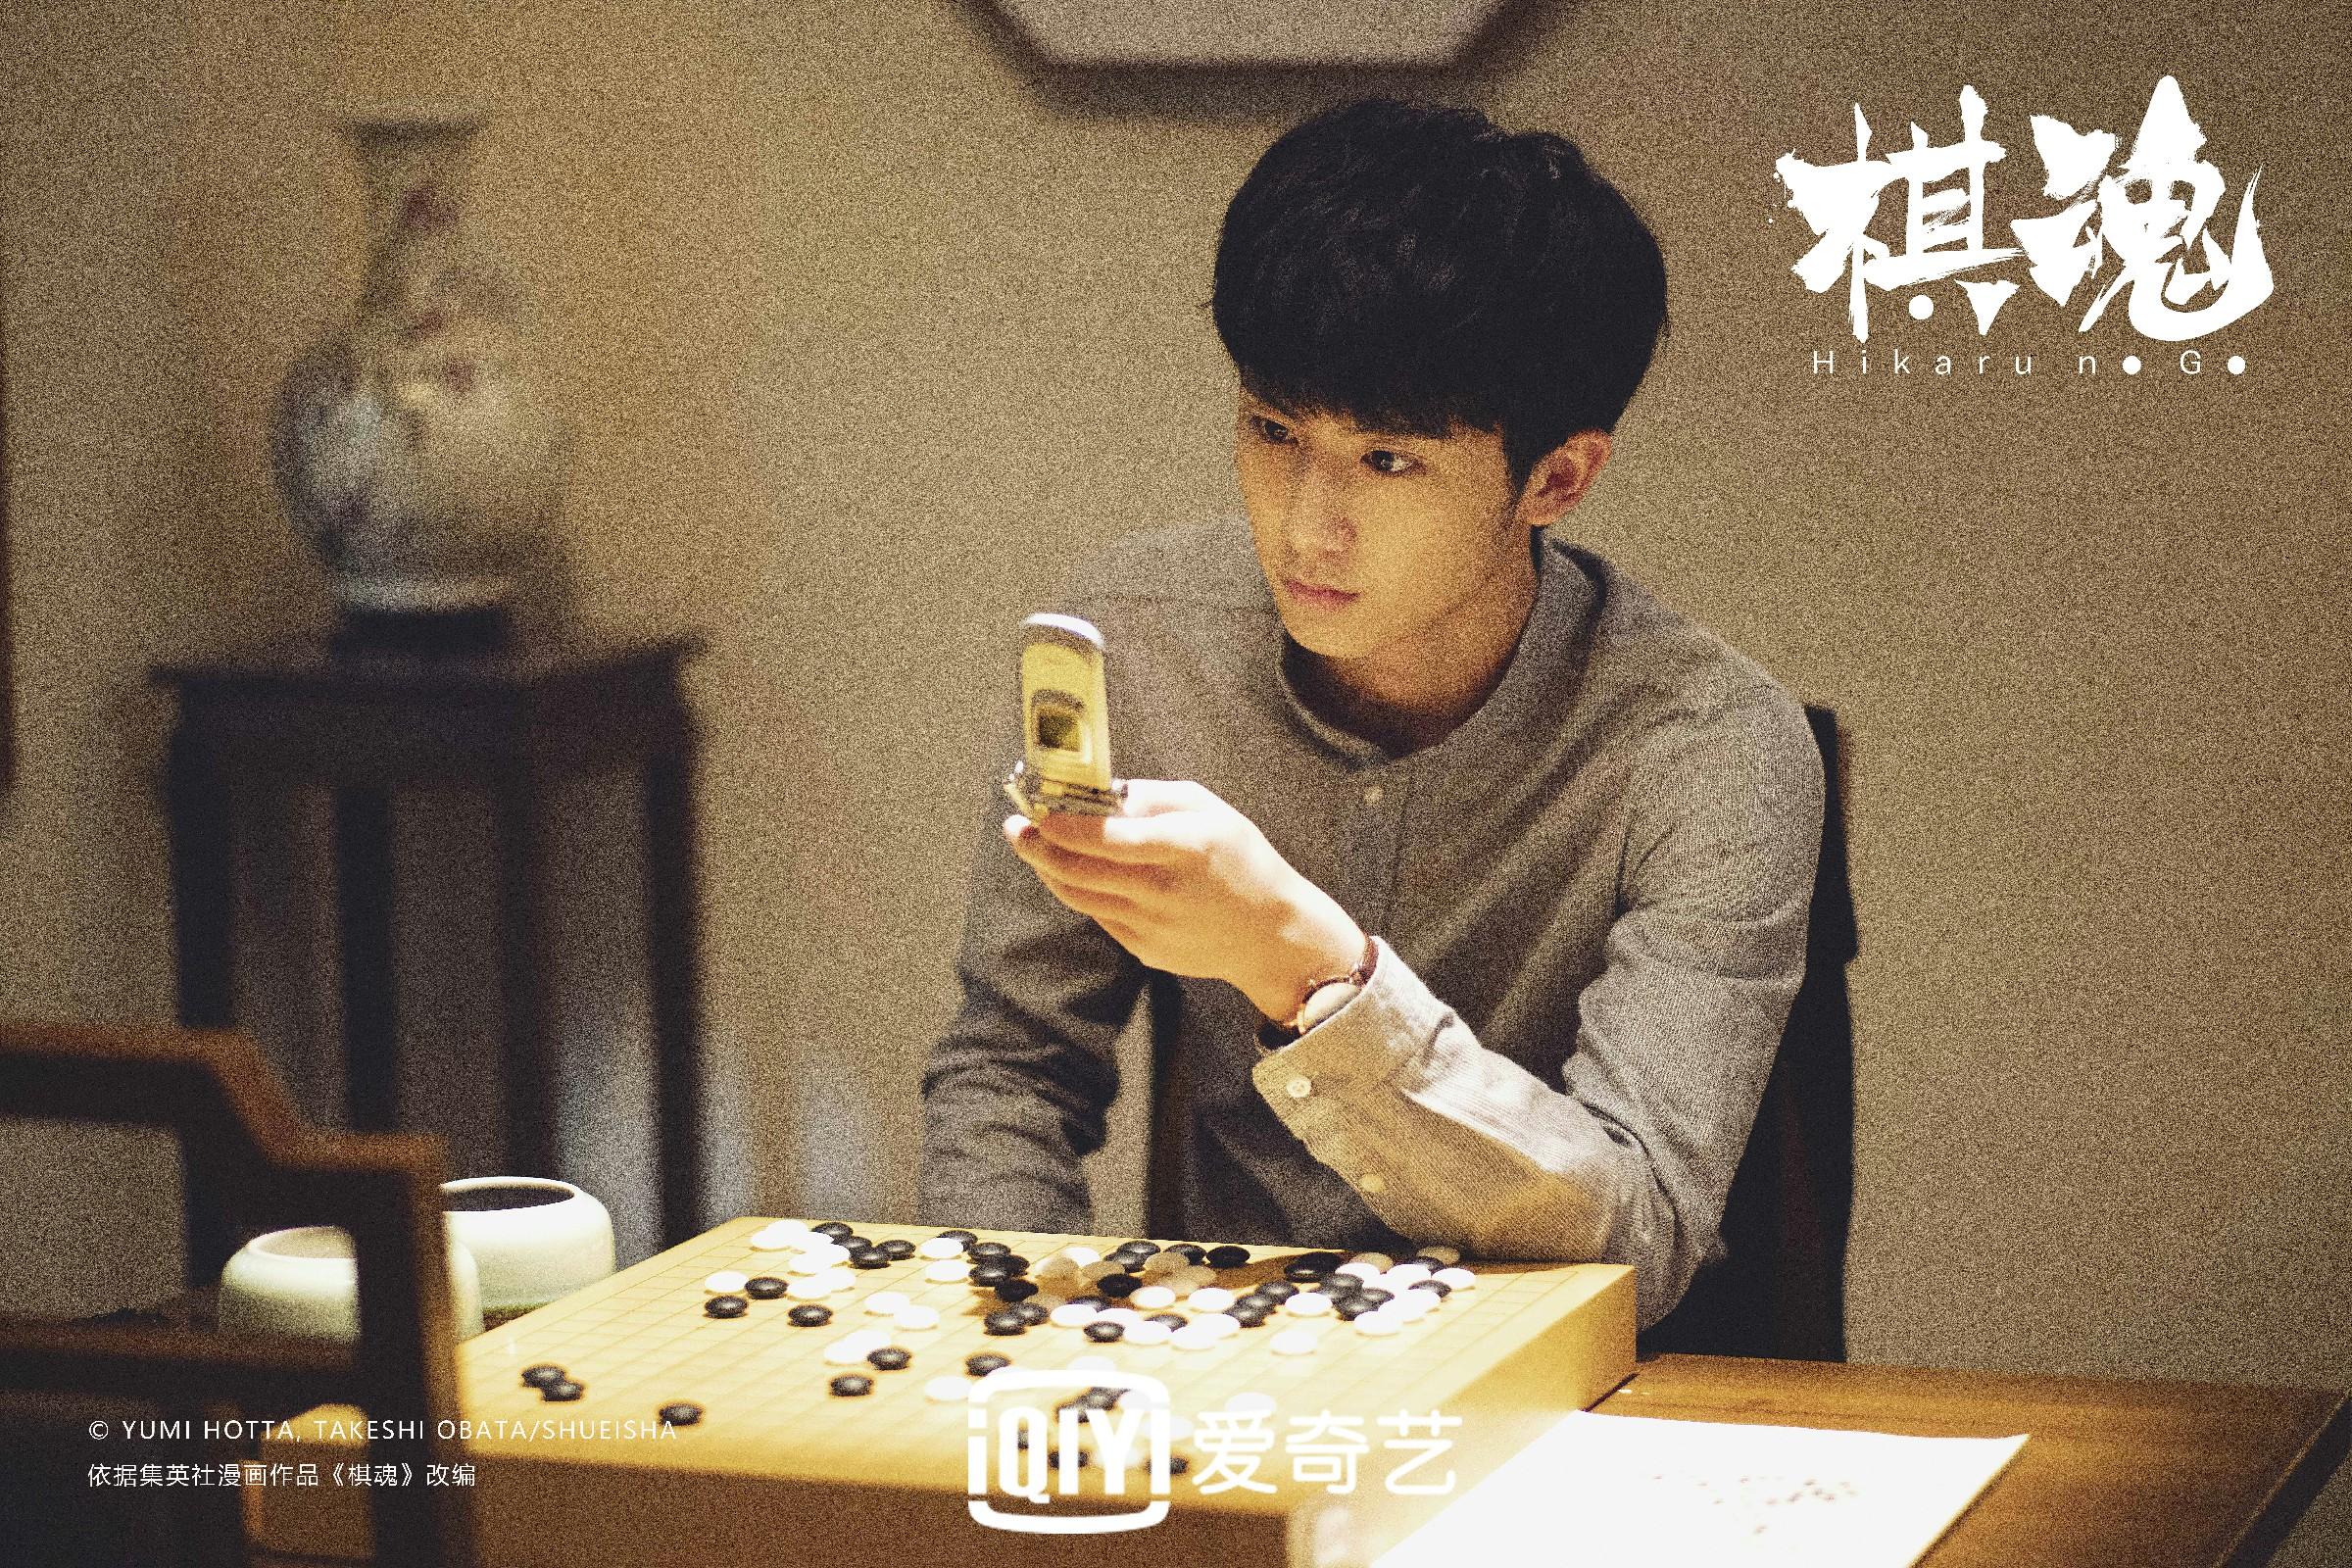 漫改剧《棋魂》男主郝富申白衬衫写真 围棋少年秒变围棋霸总